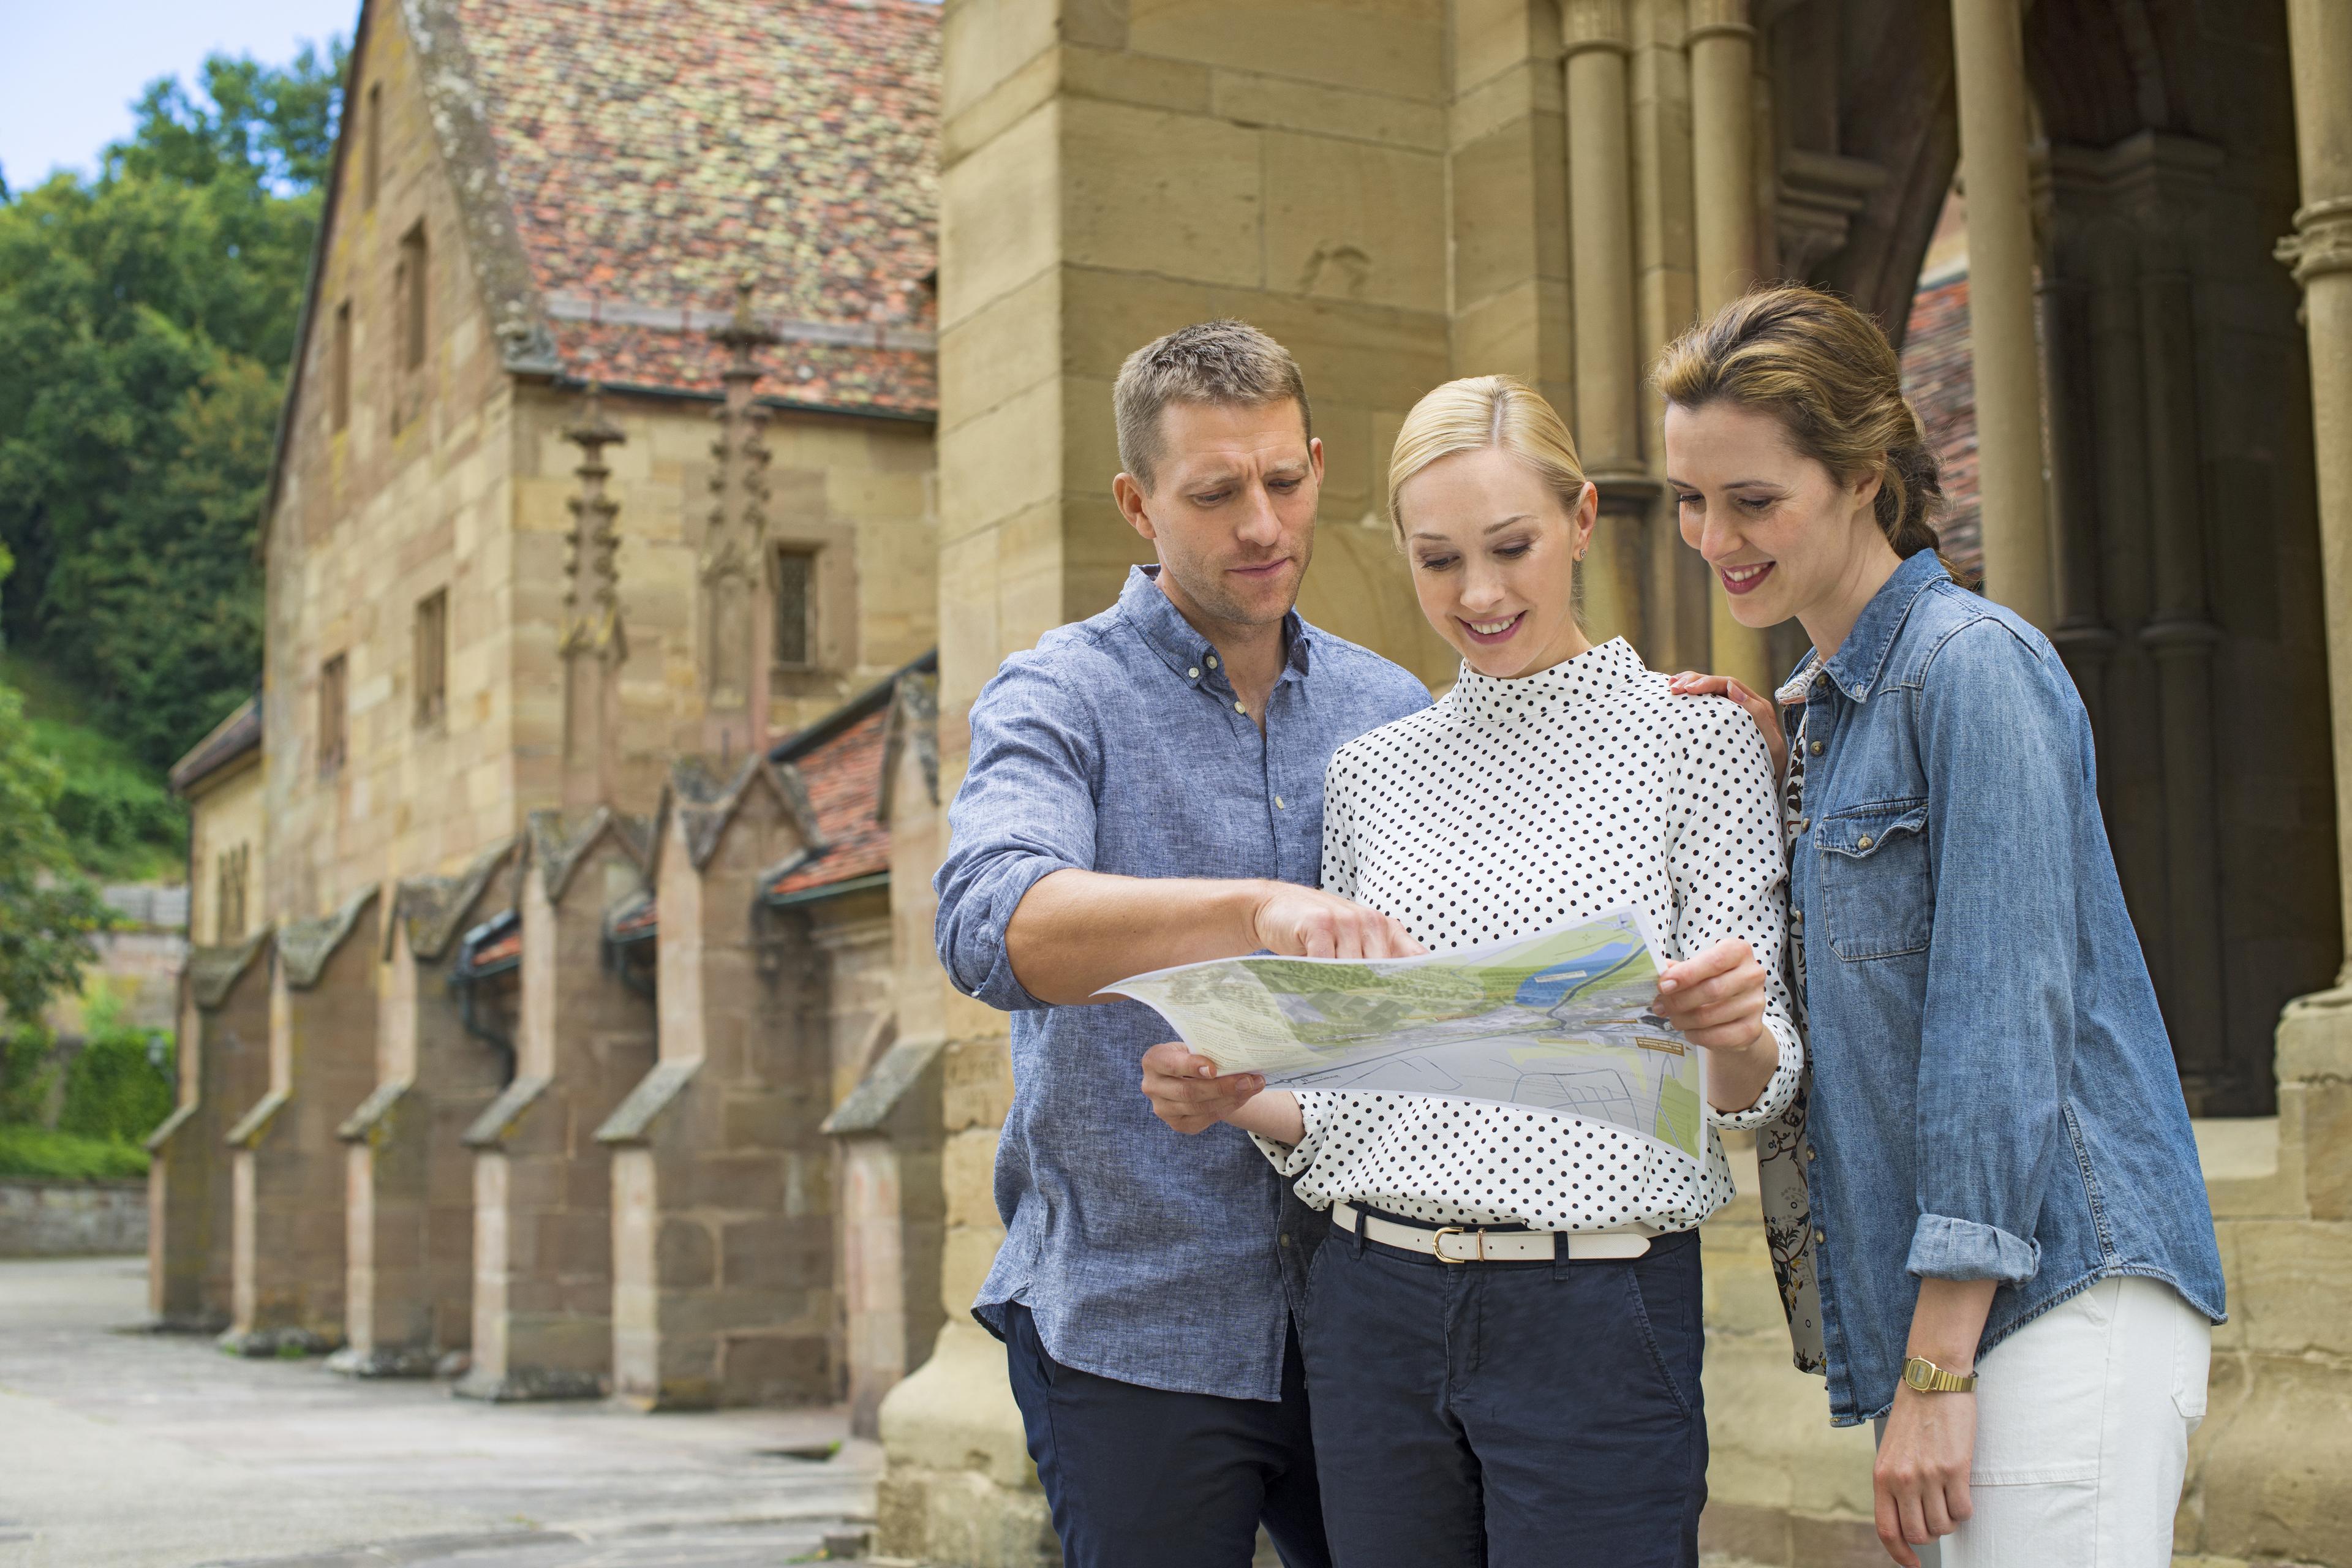 Drei Personen studieren eine Karte